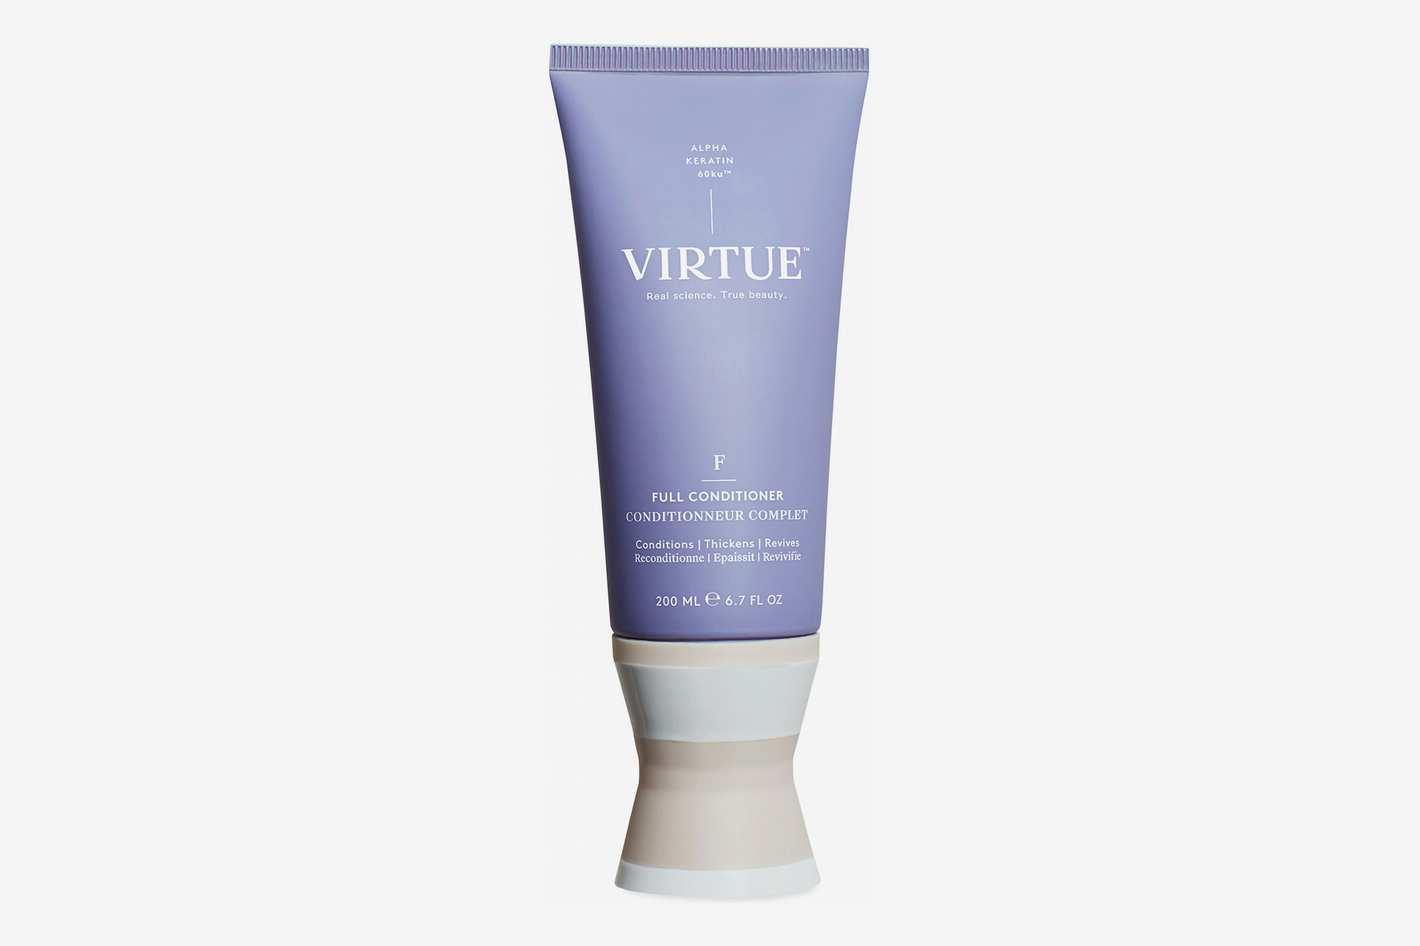 Virtue Full Conditioner